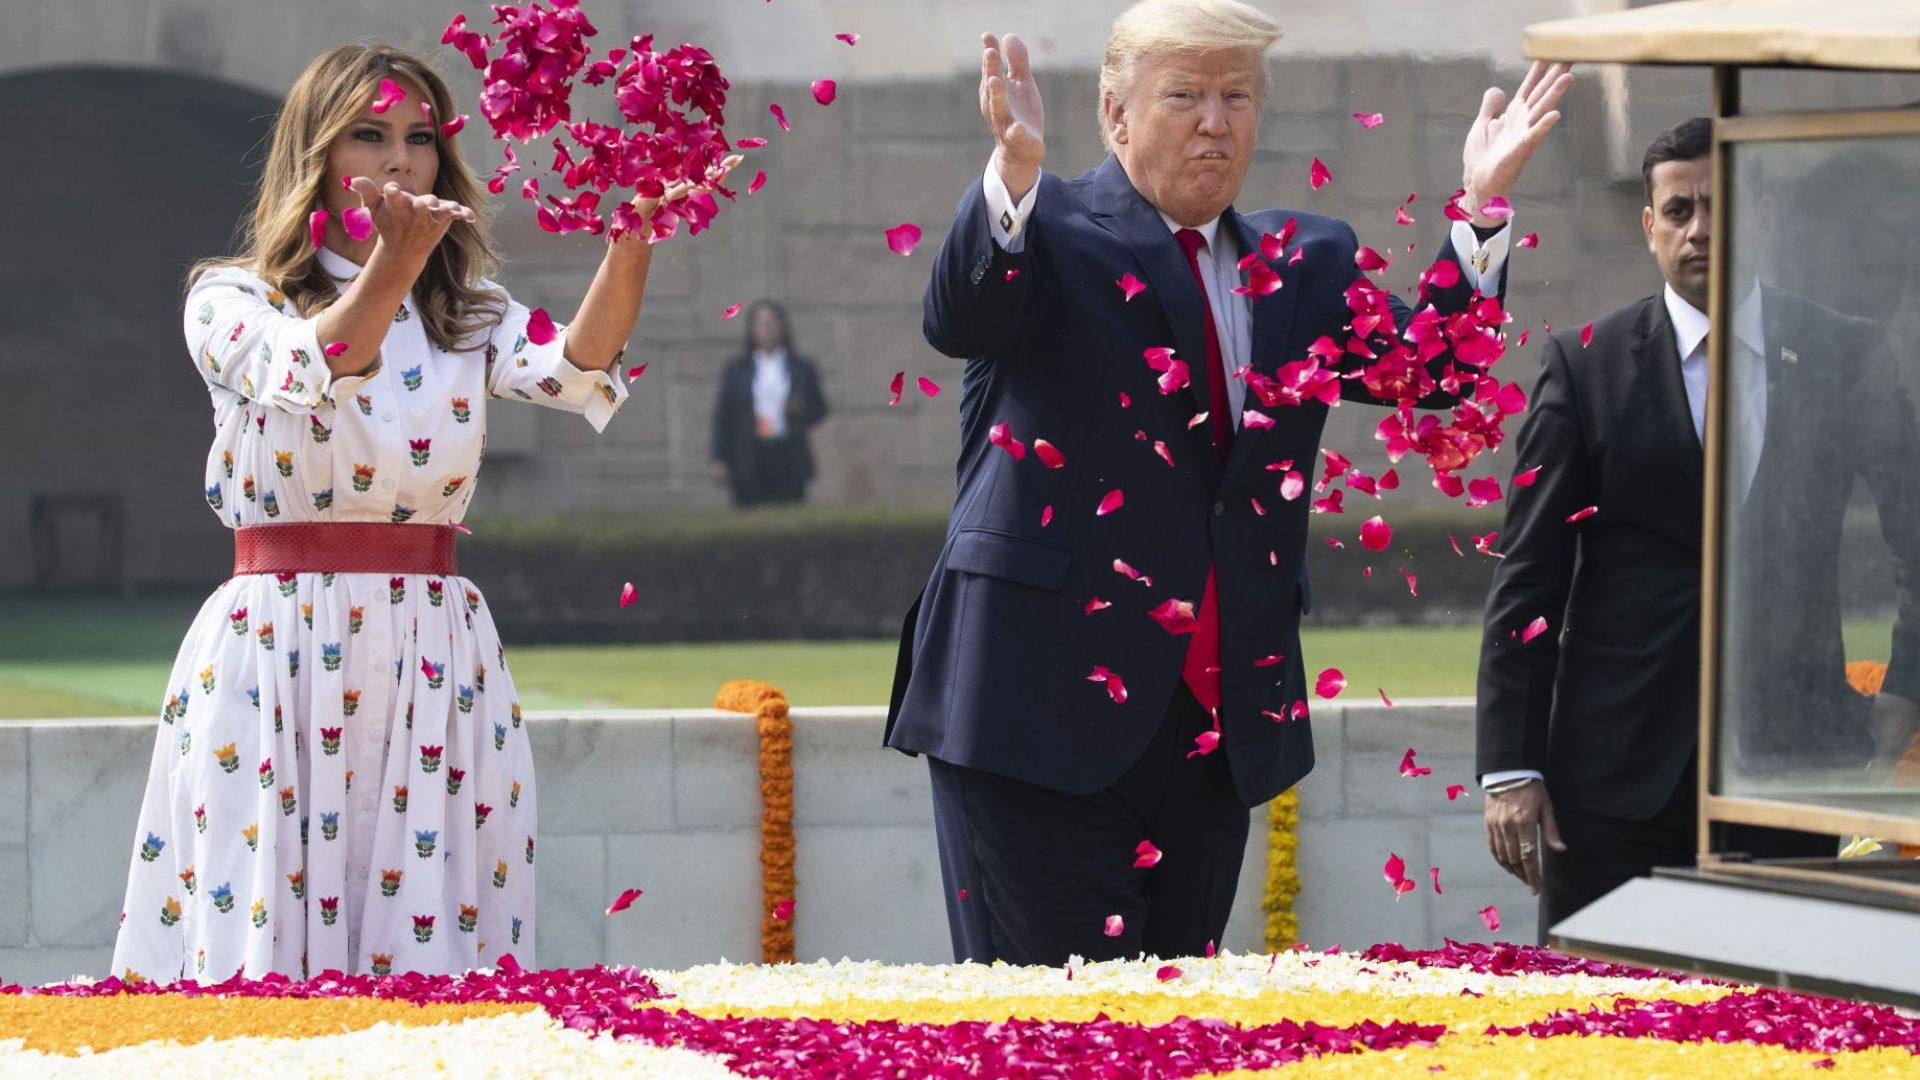 Семейство Тръмп пусна цветни венчелистчета на мемориала на Махатма Ганди  (снимки)